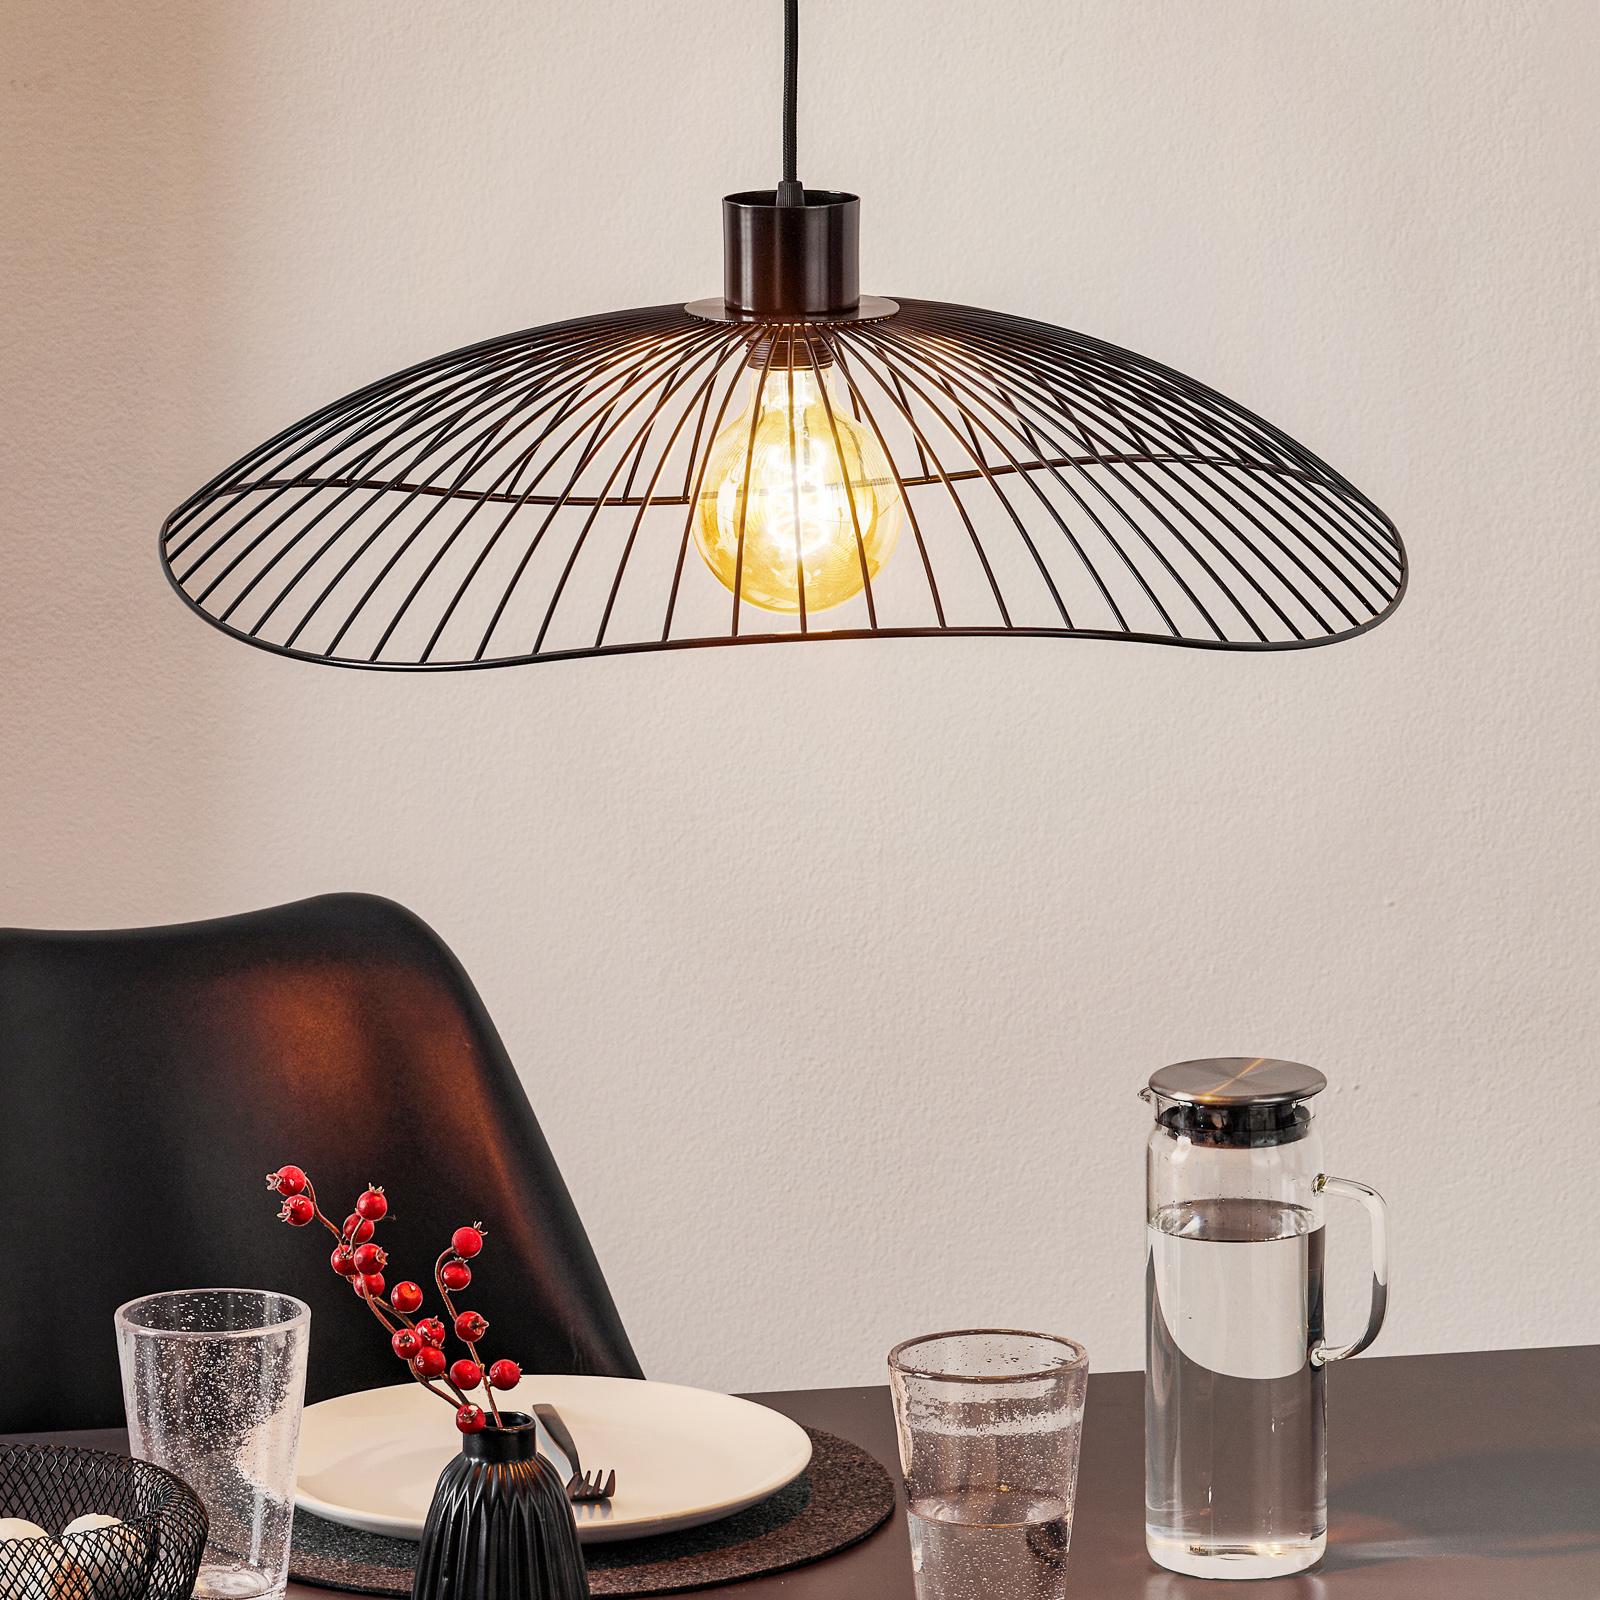 Forestier Colibri S lampa wisząca Ø 56 cm czarna